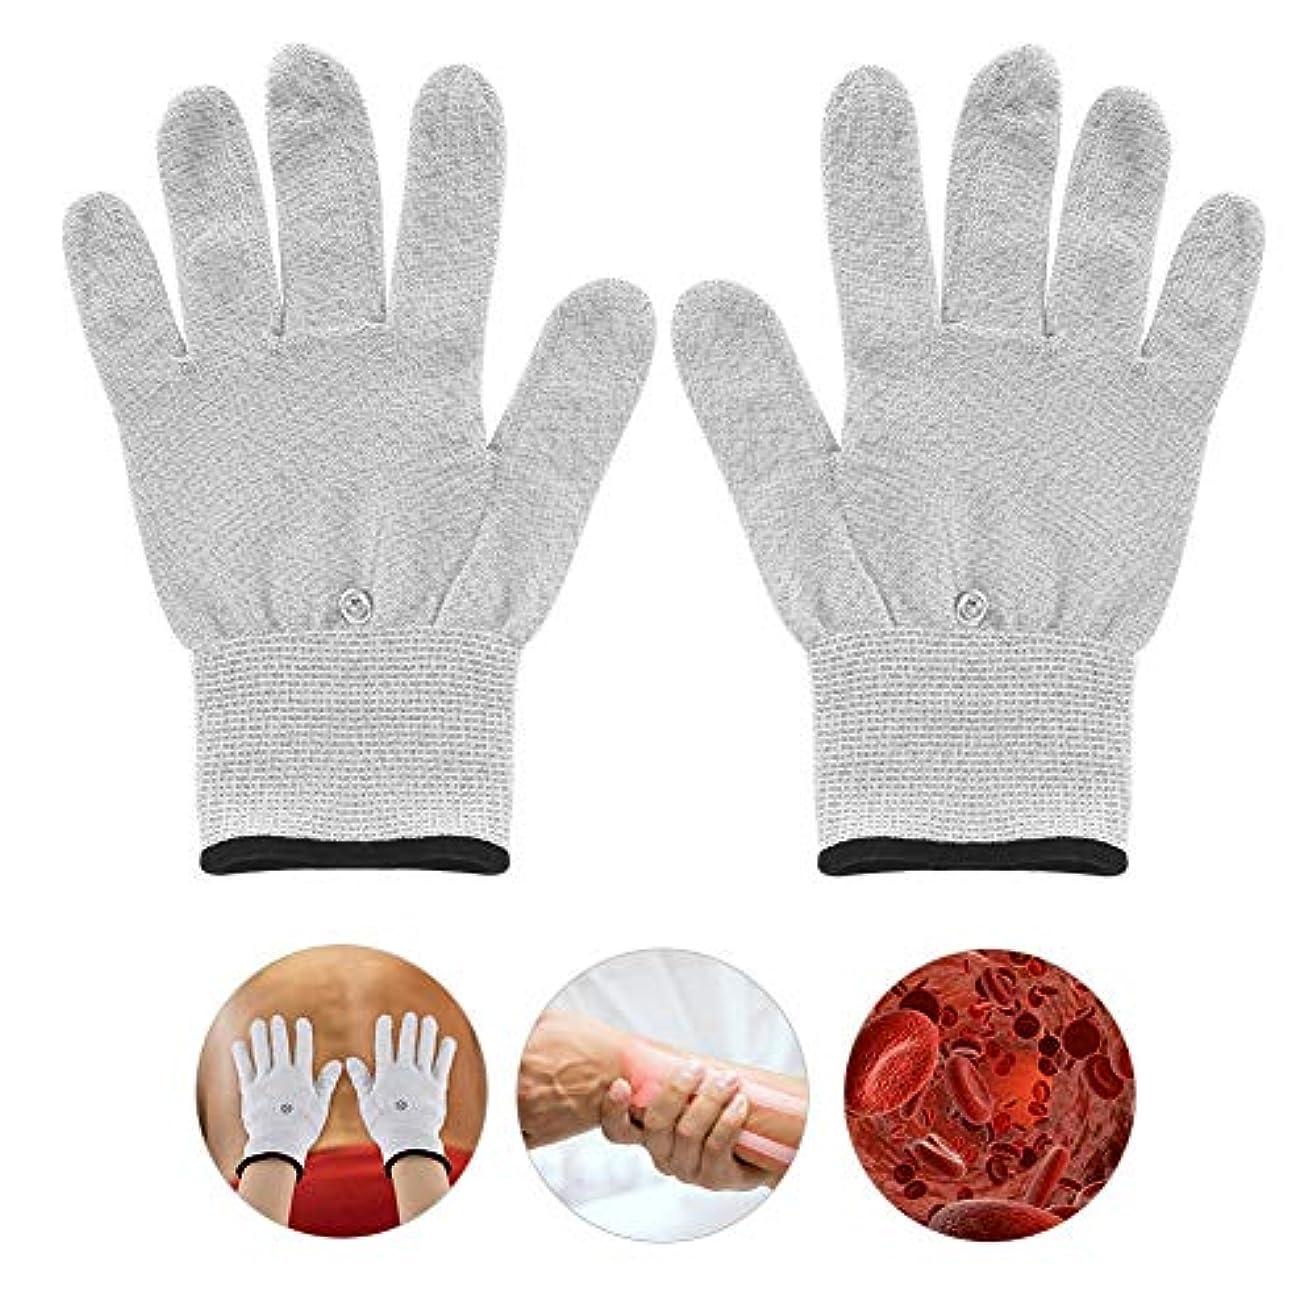 閉じるゲスト約電極手袋 電気ショックファイバーパルス療法マッサージ導電性手袋1ペア